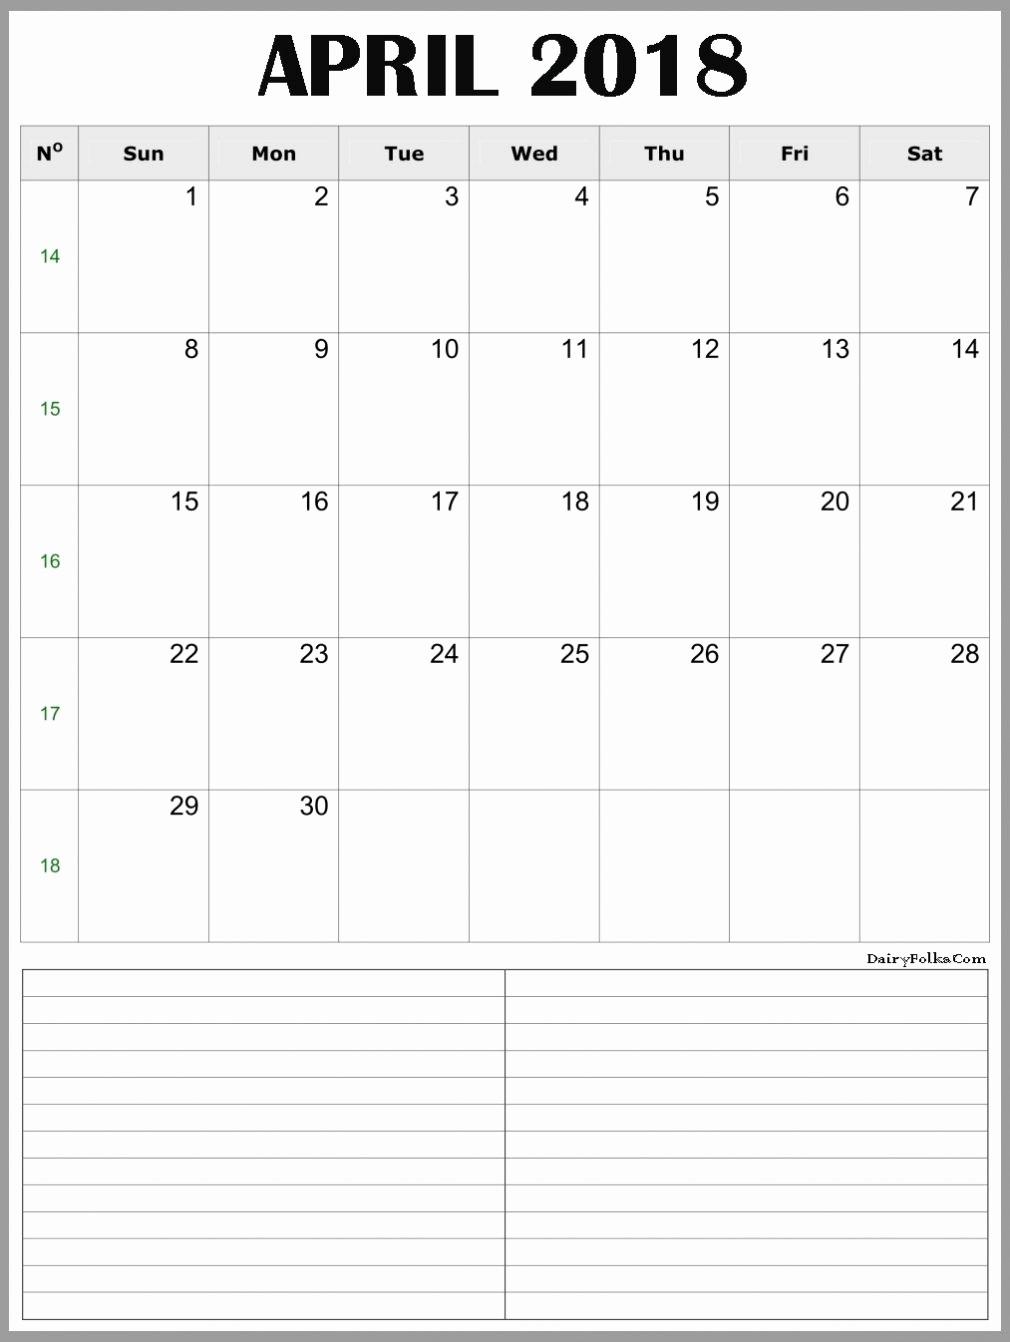 Printable Calendar December 2018 Landscape Inspirational April 2018 Calendar Portrait & Landscape Printable